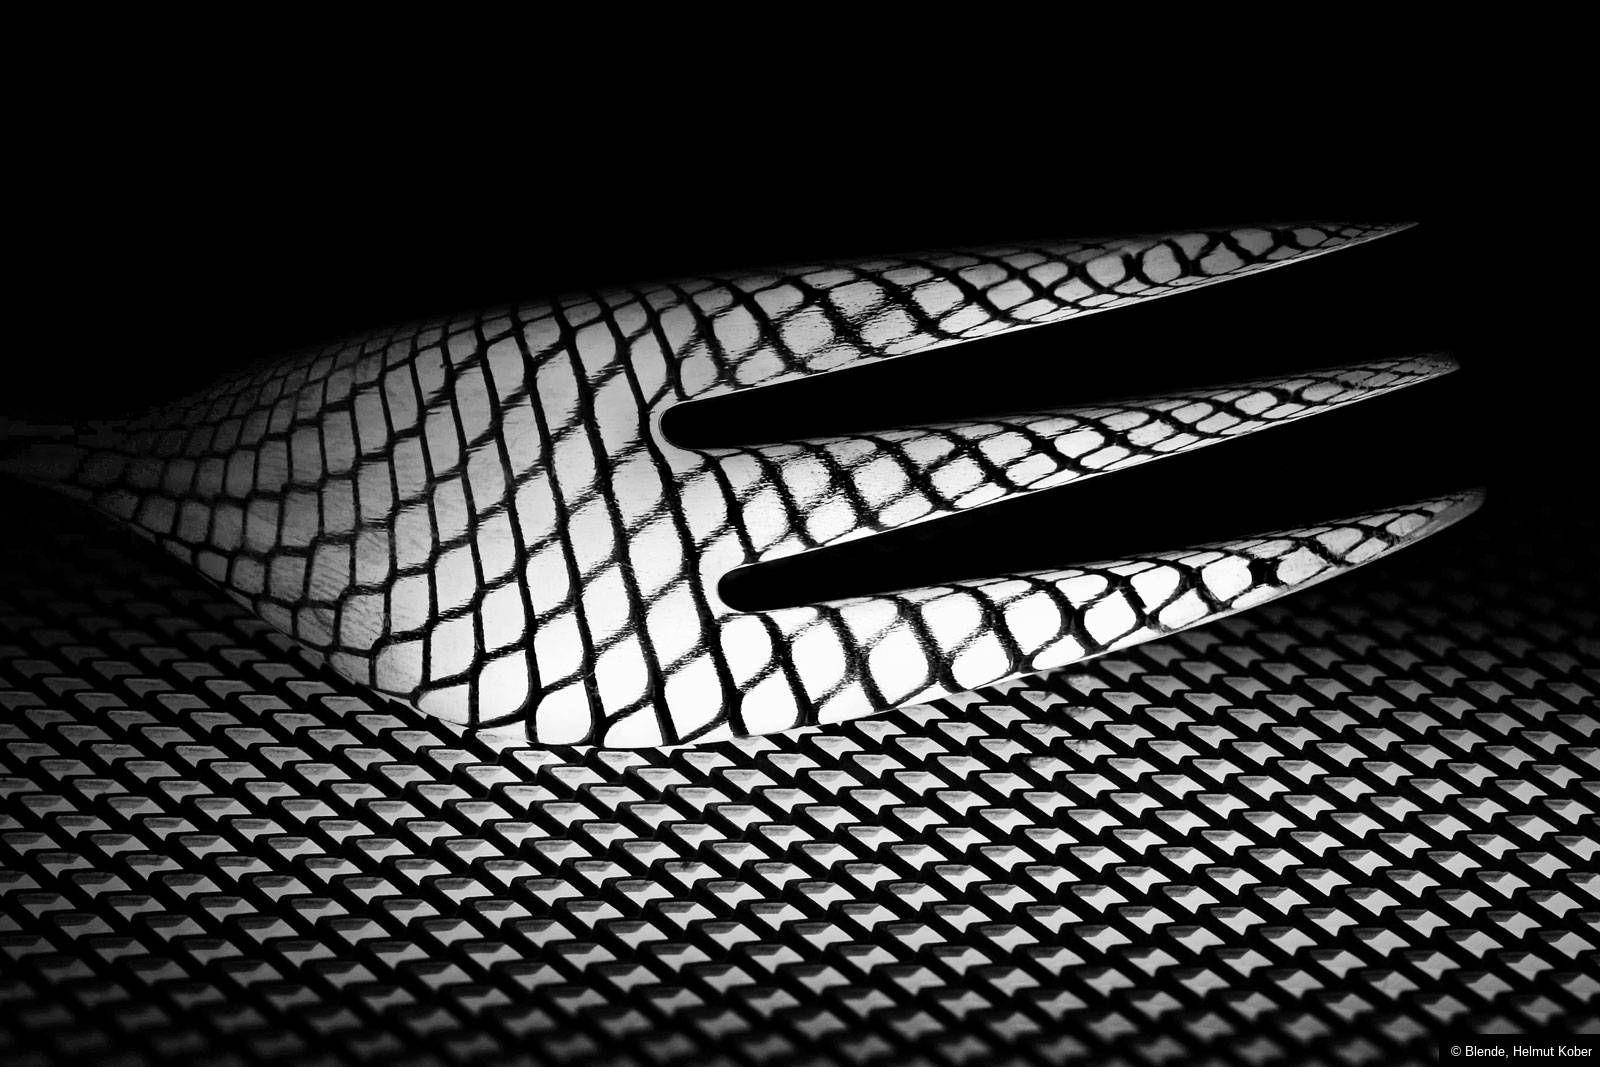 """© Blende, Helmut Kober, #Gabel, Thema: """"Schwarzweiß"""" #Fotowettbewerb #Schwarzweissfotografie"""